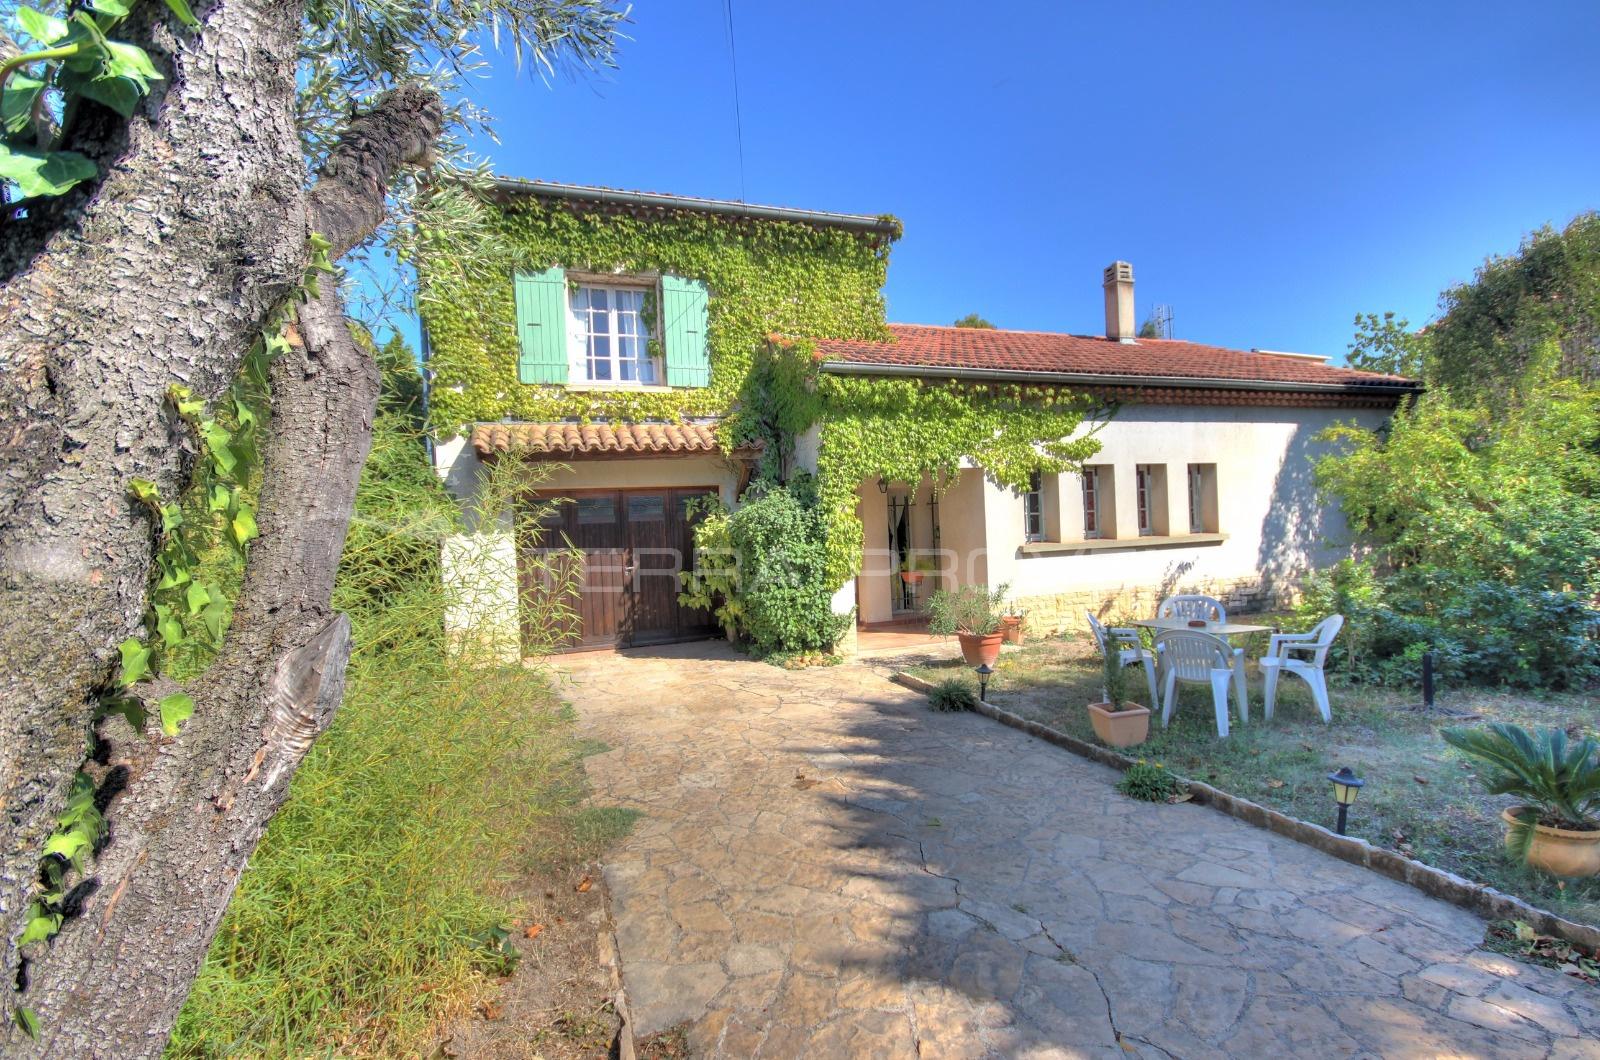 Terra proven a villa appartement maison villeneuve les avignon et environs - Maison a vendre villeneuve les avignon ...